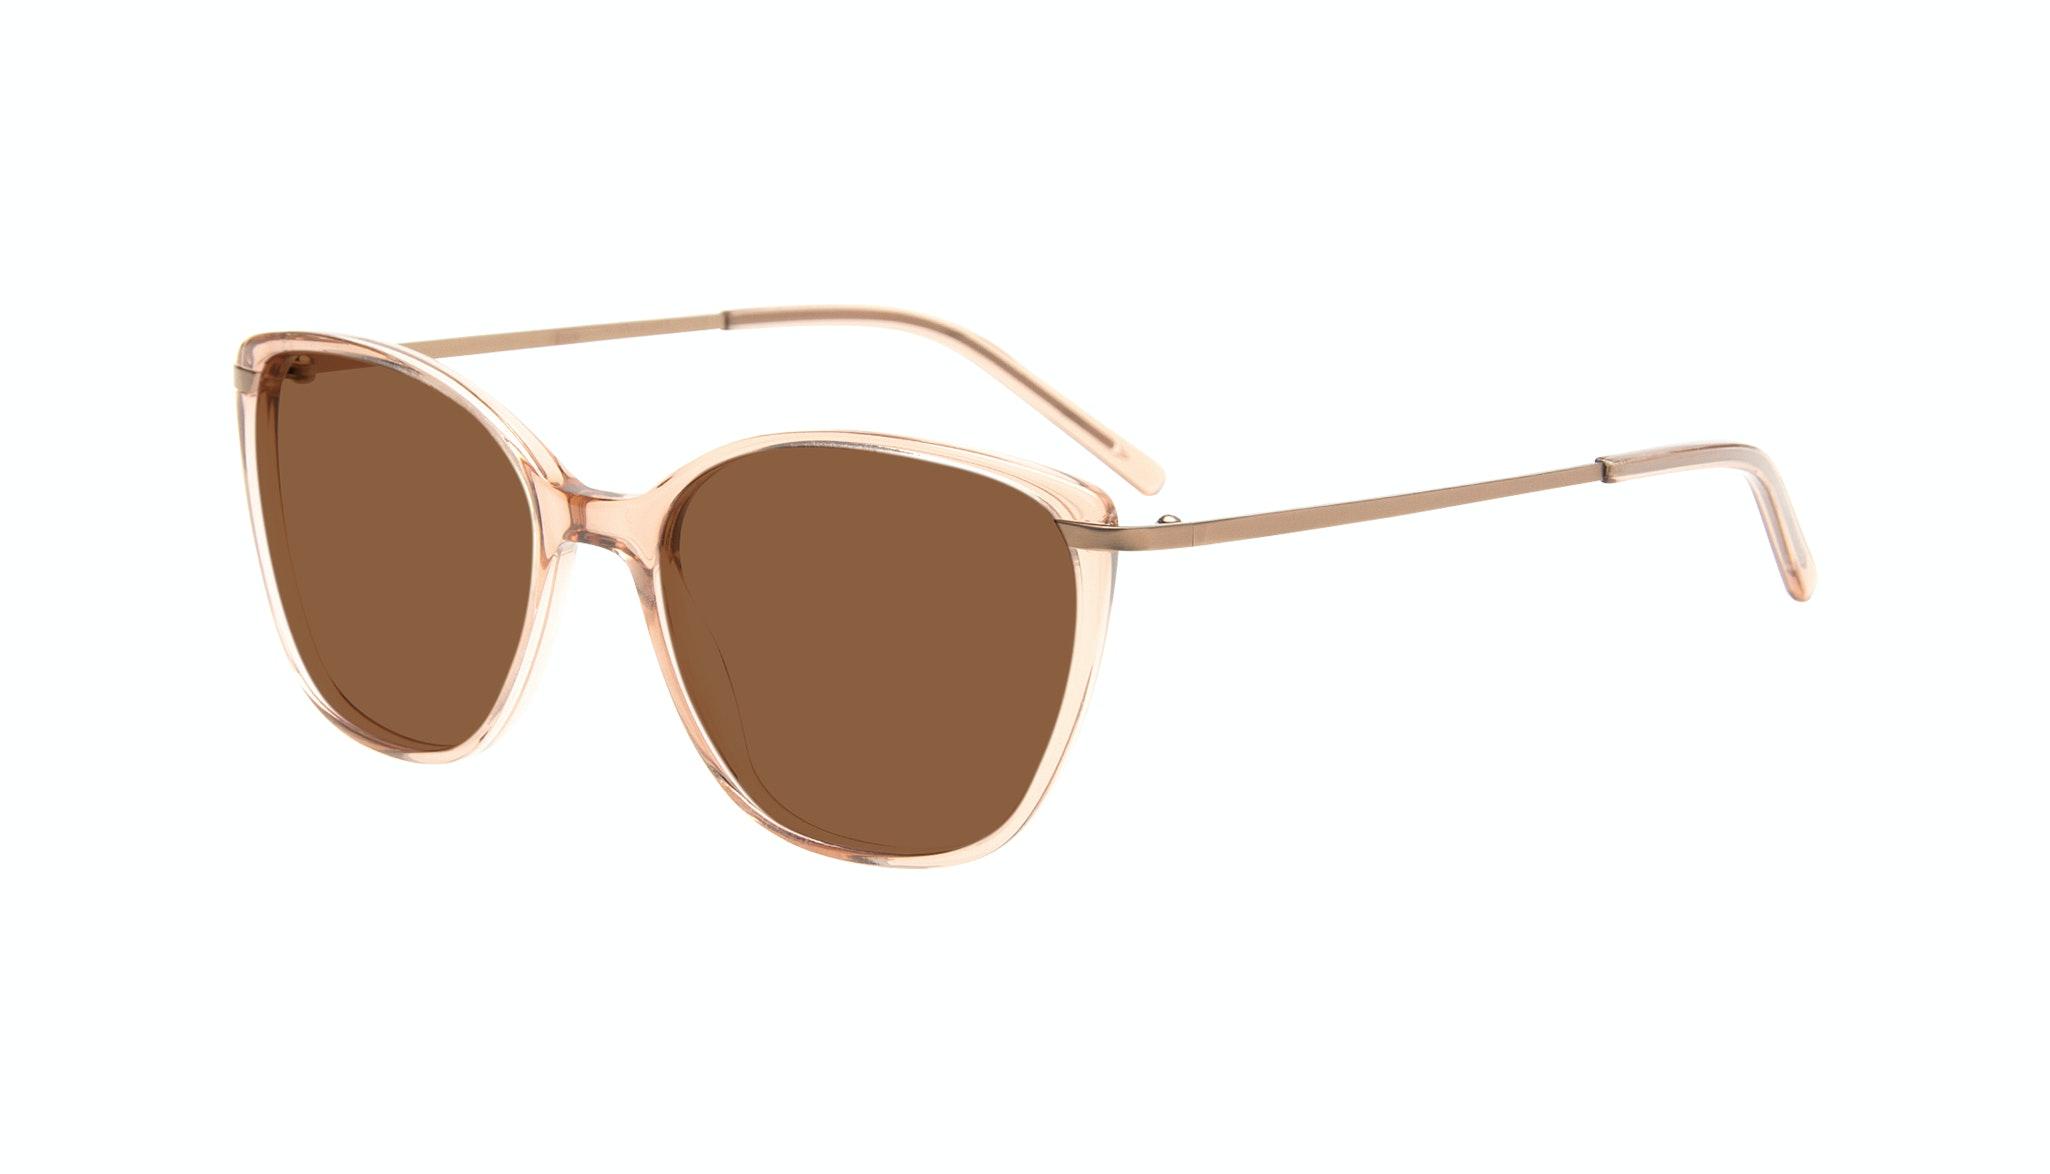 Affordable Fashion Glasses Cat Eye Rectangle Square Sunglasses Women Illusion Rose Tilt